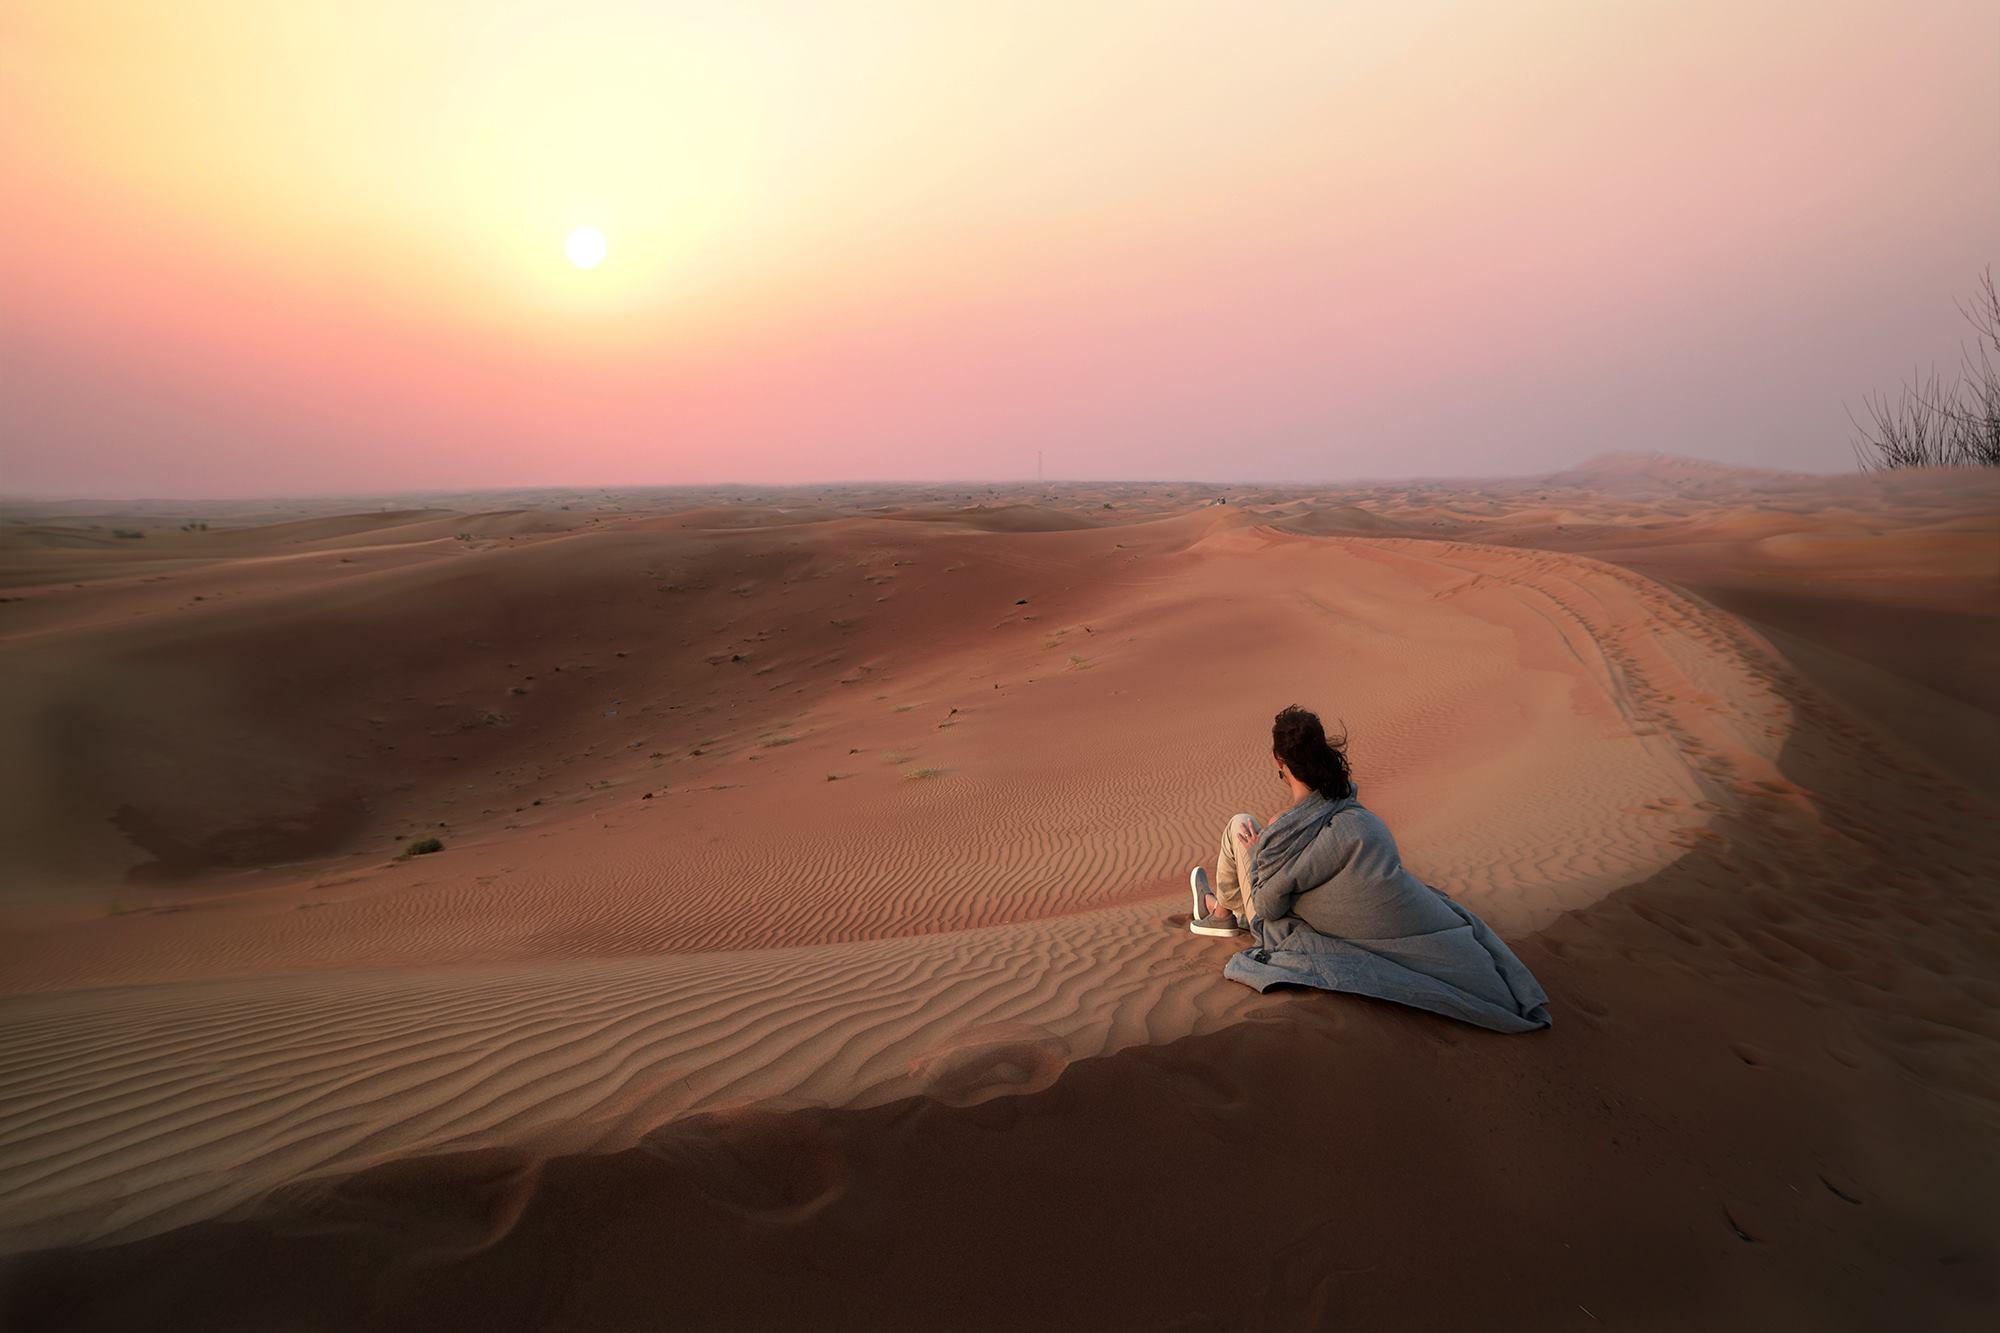 Kết quả hình ảnh cho người trên sa mạc